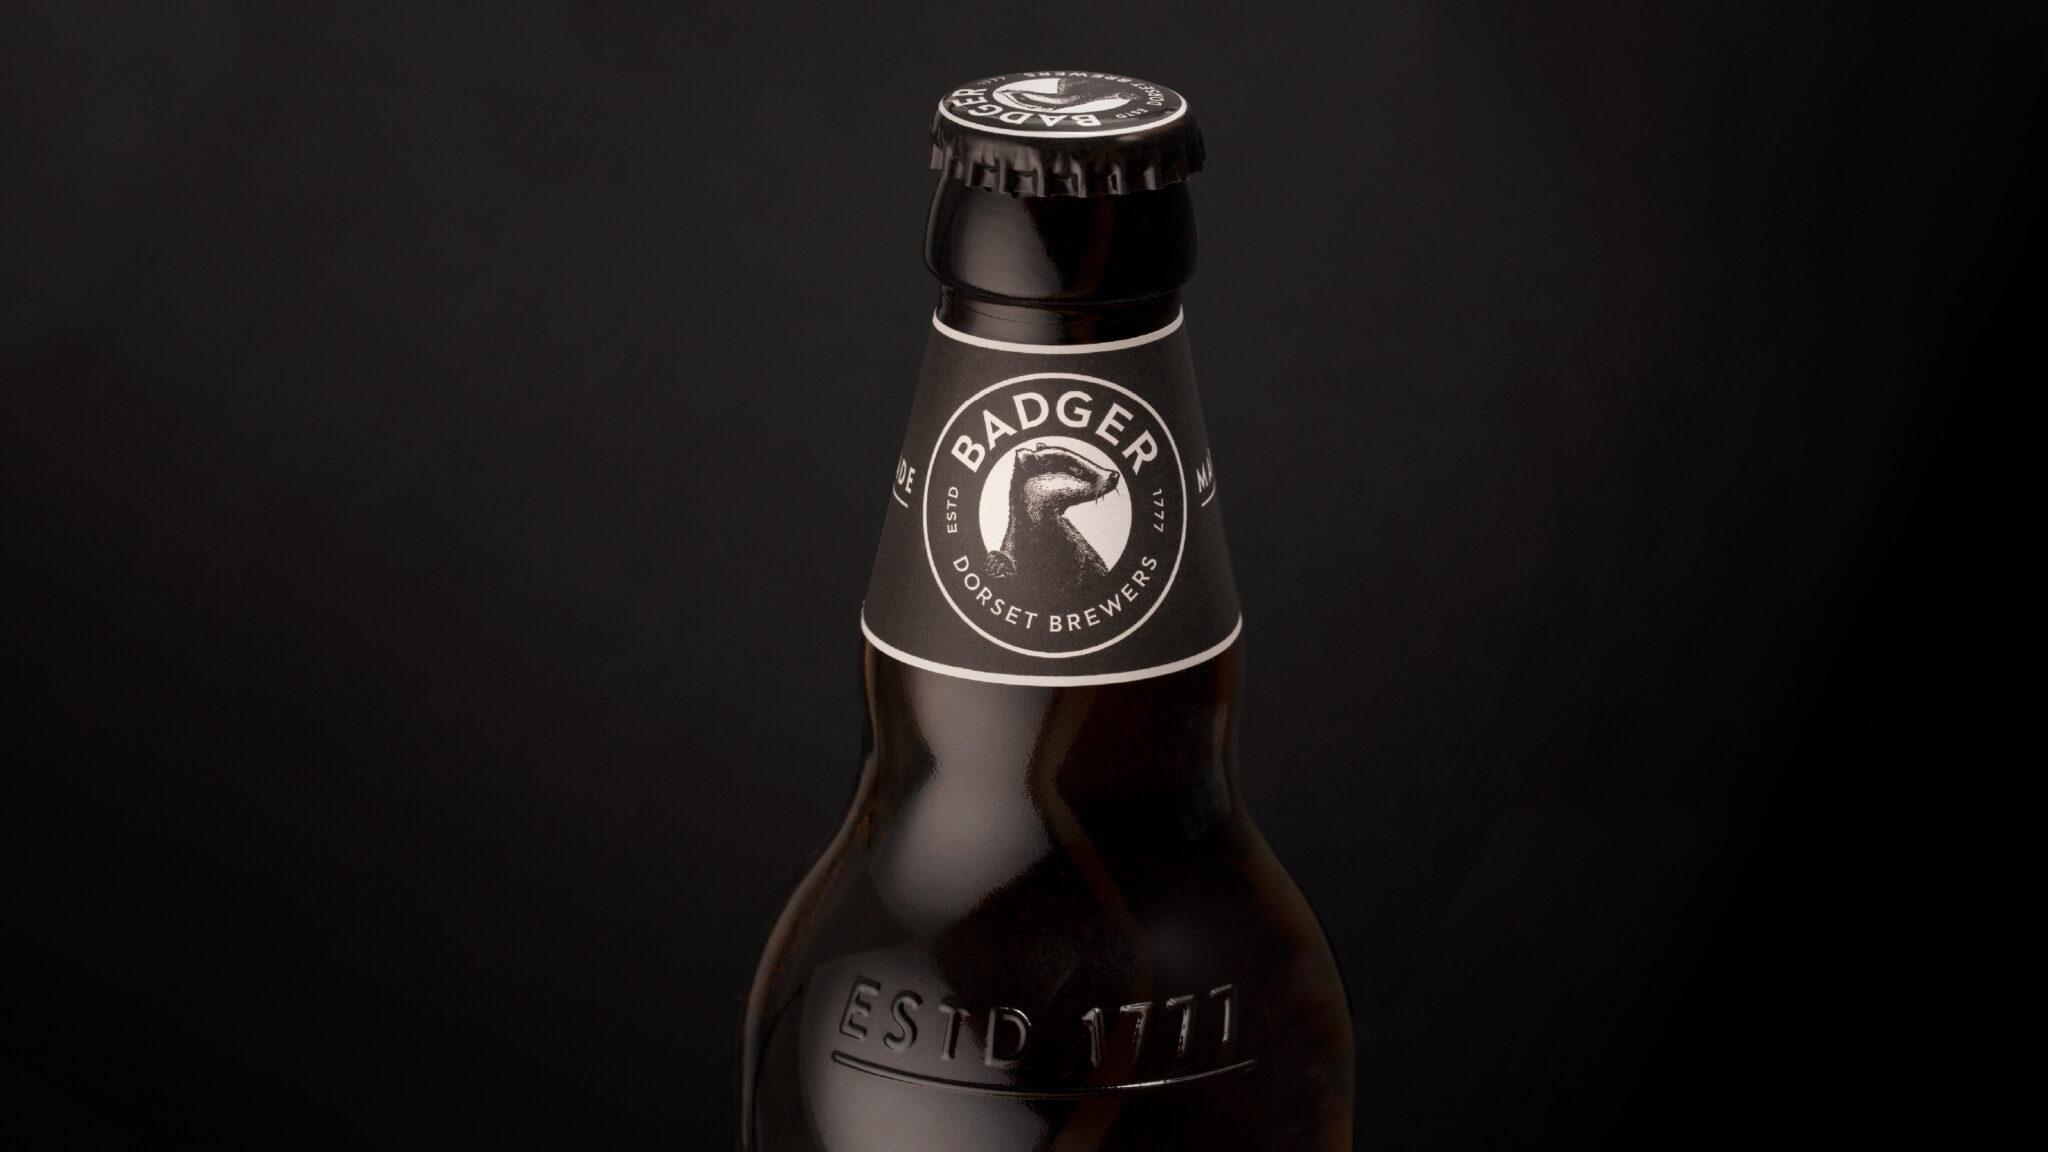 Dorset cervecería,Badger rediseño tejon